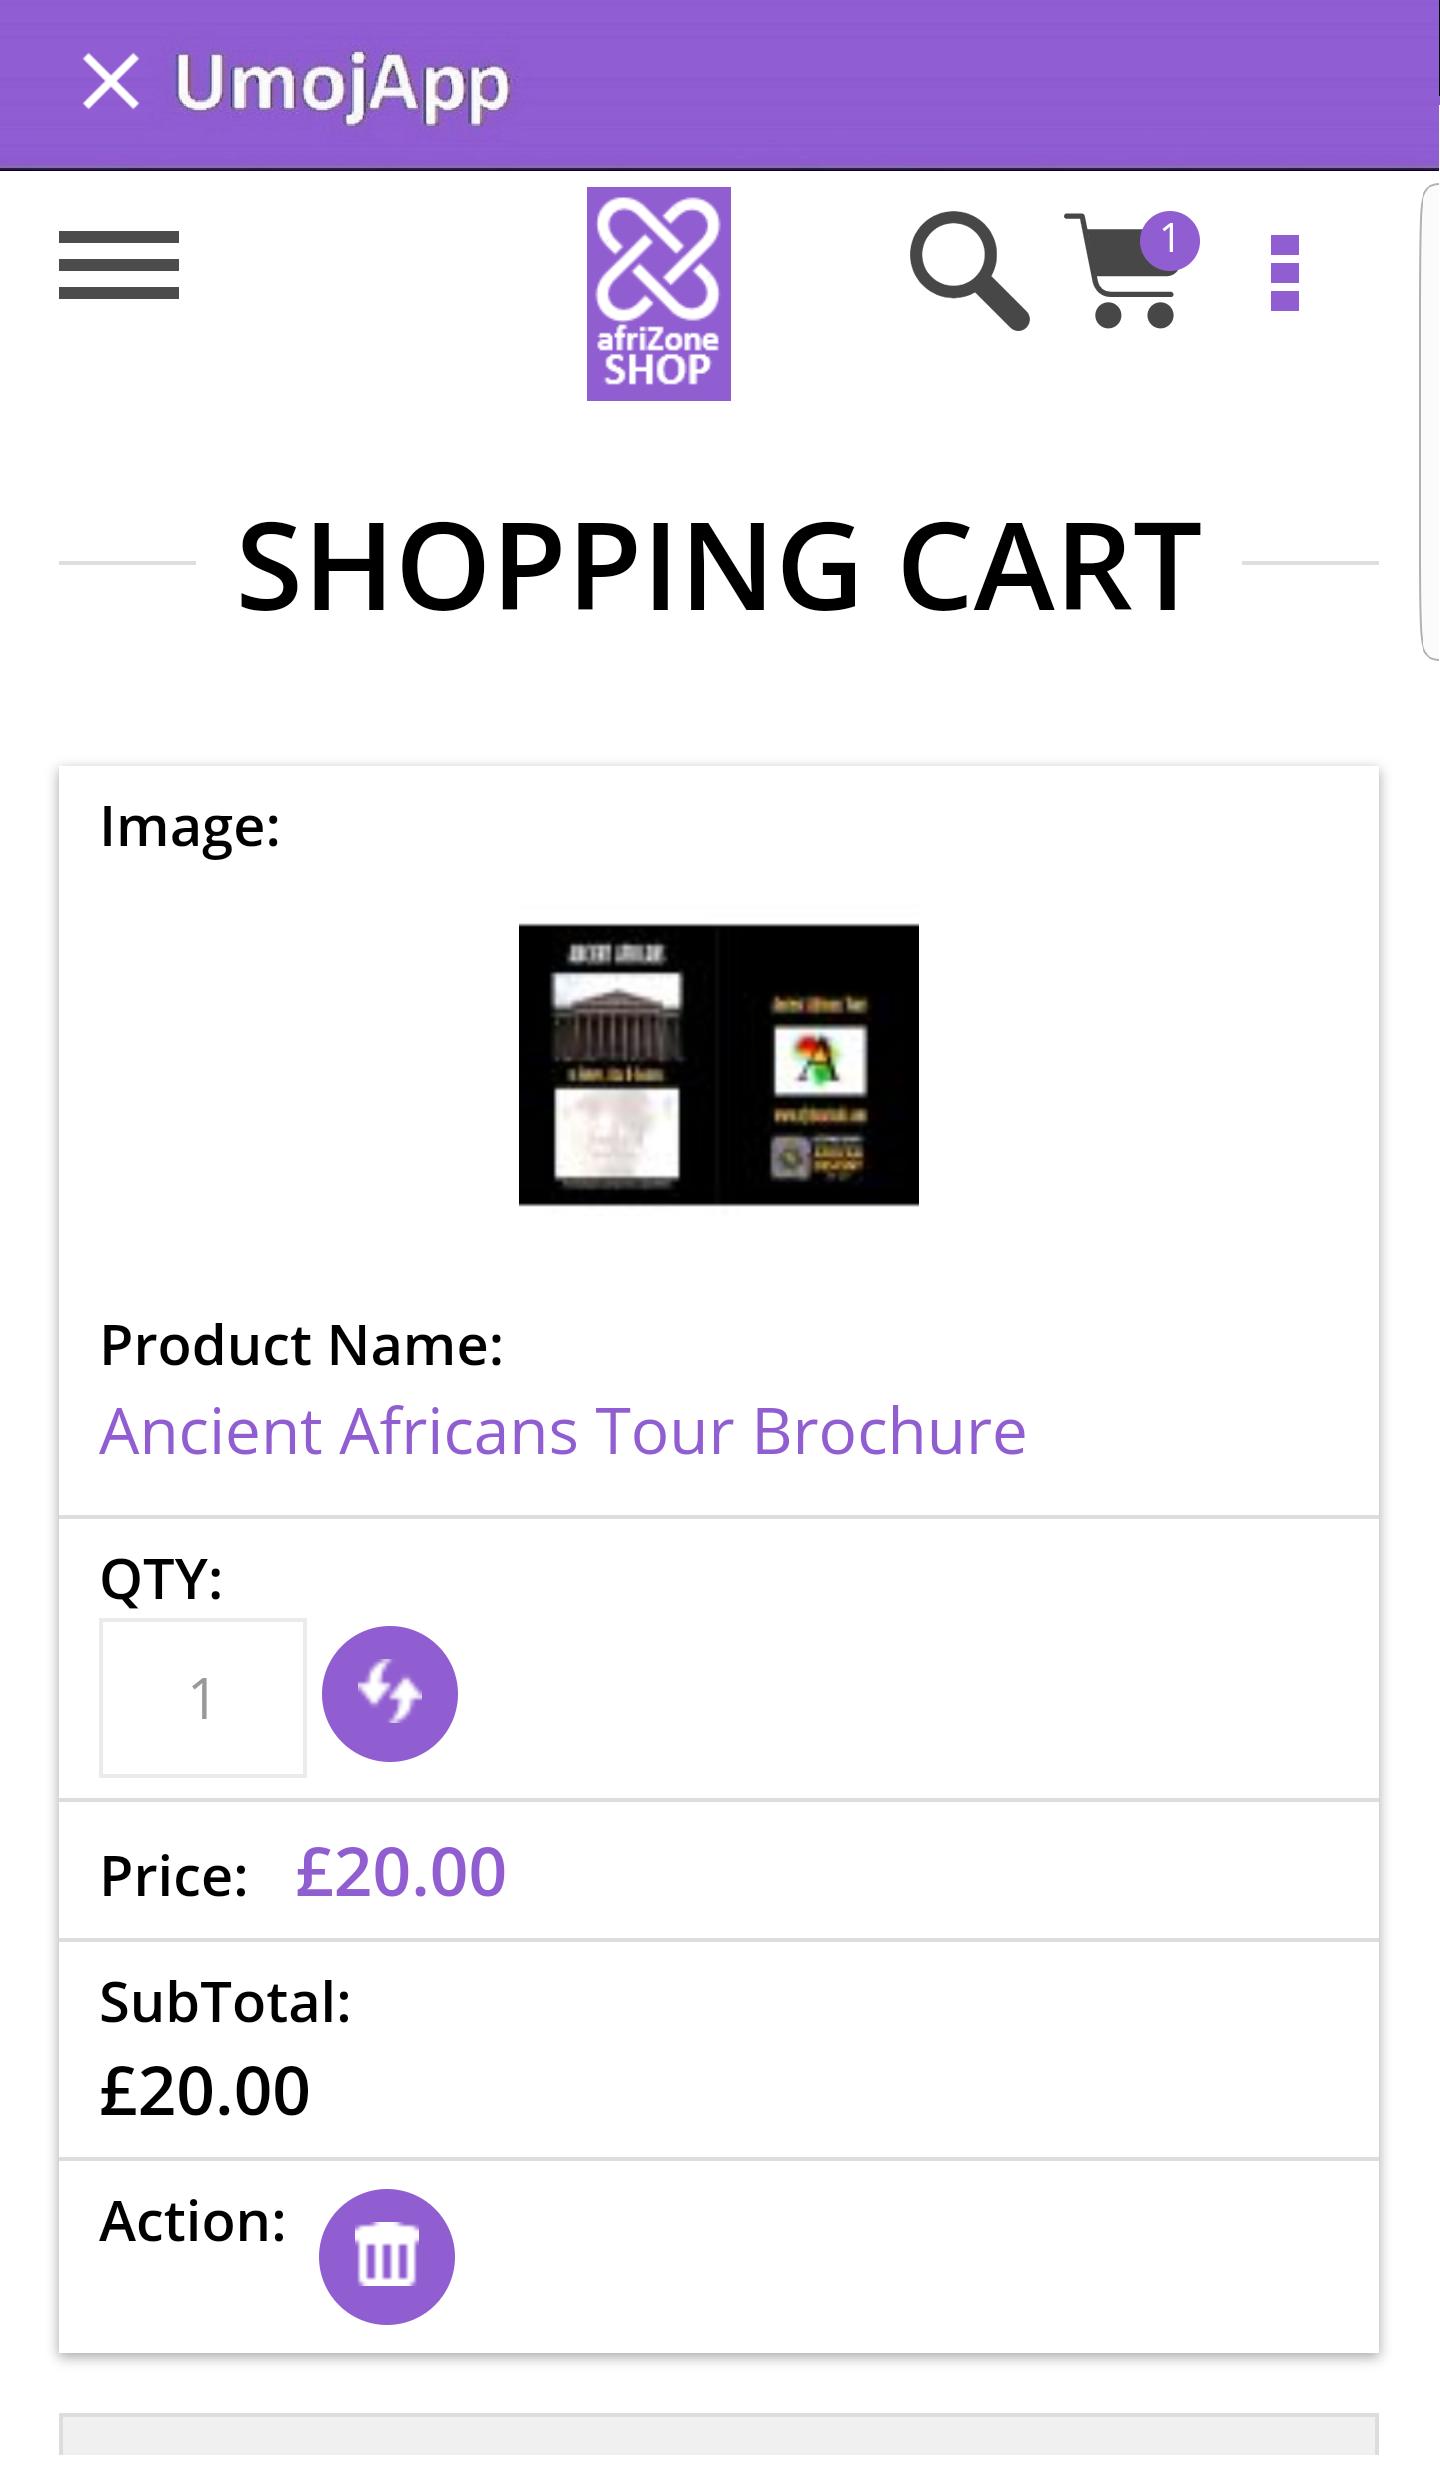 UmojApp_afriZone.SHOP_shopping cart